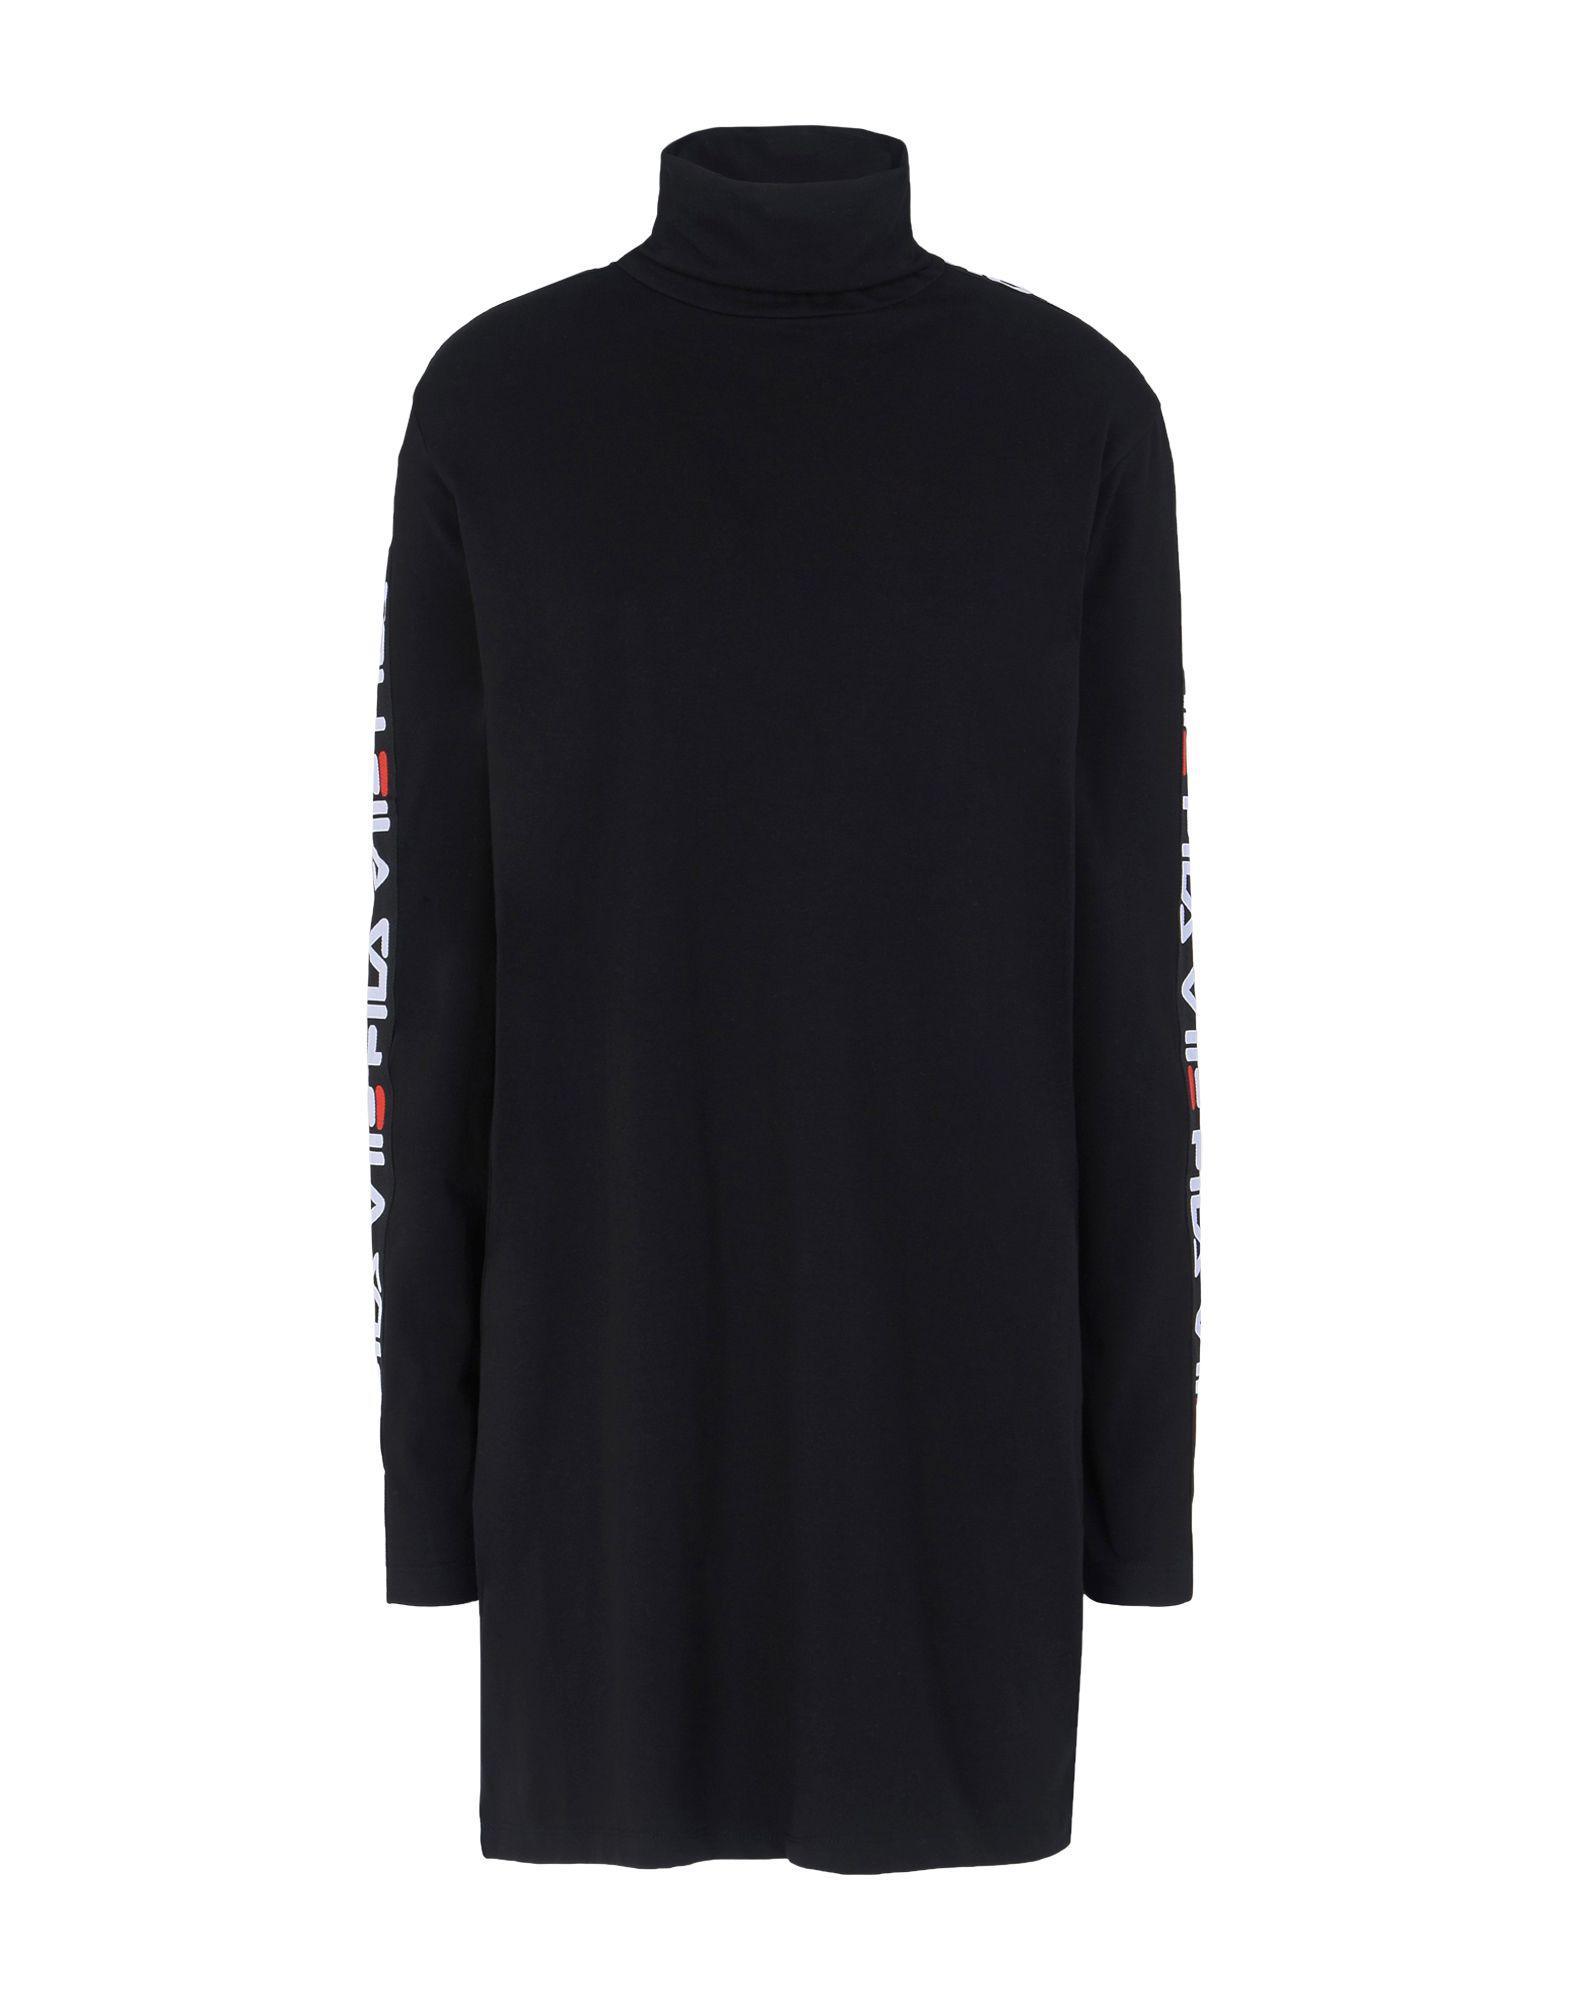 Coloris Robe Noir Courte Lyst Fila En qxIAdS